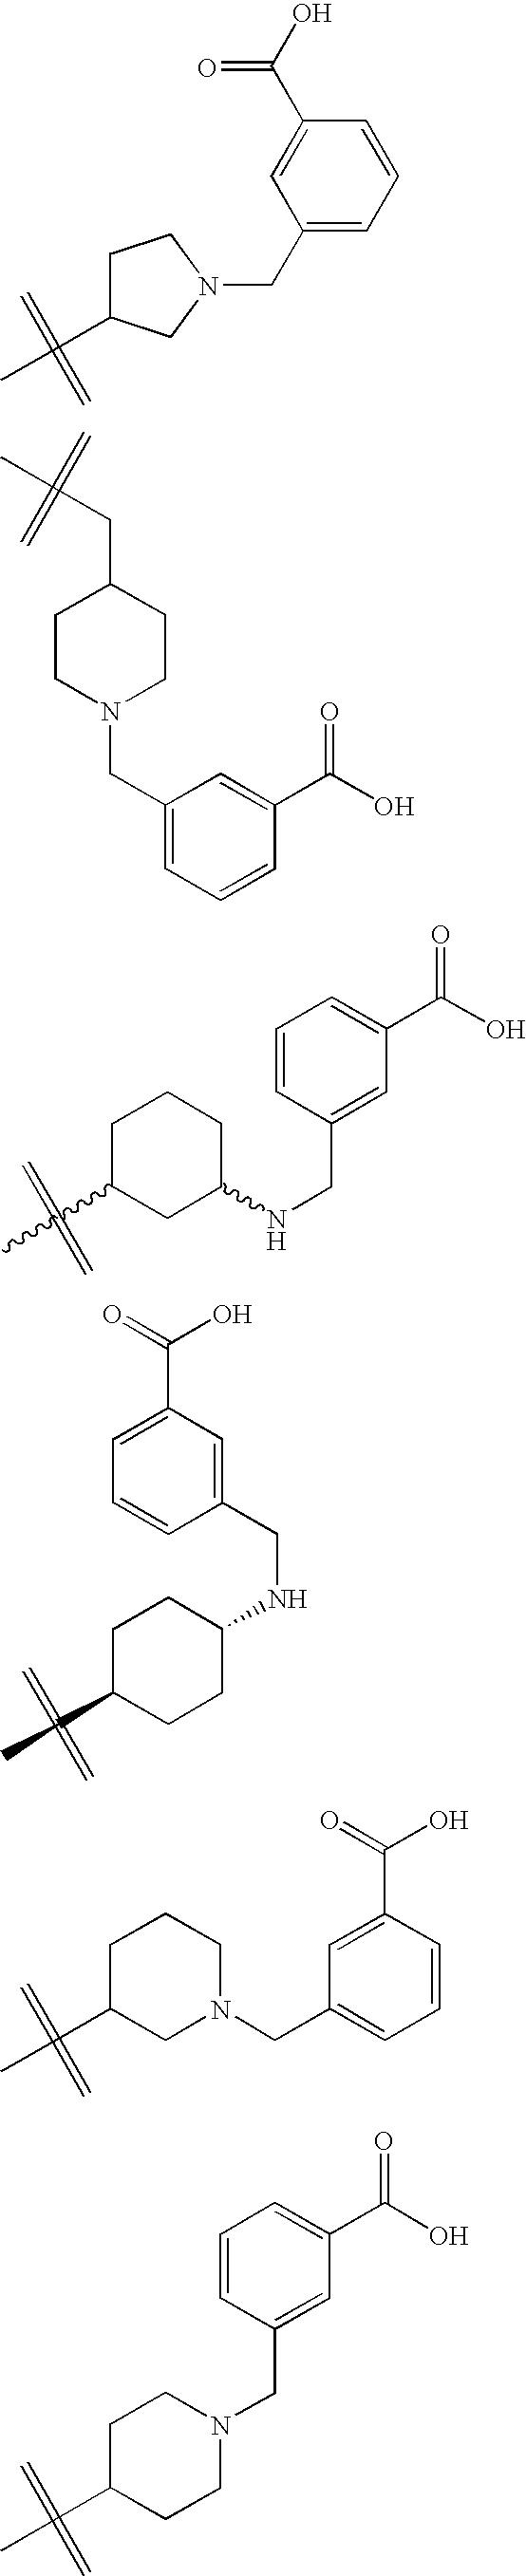 Figure US20070049593A1-20070301-C00111